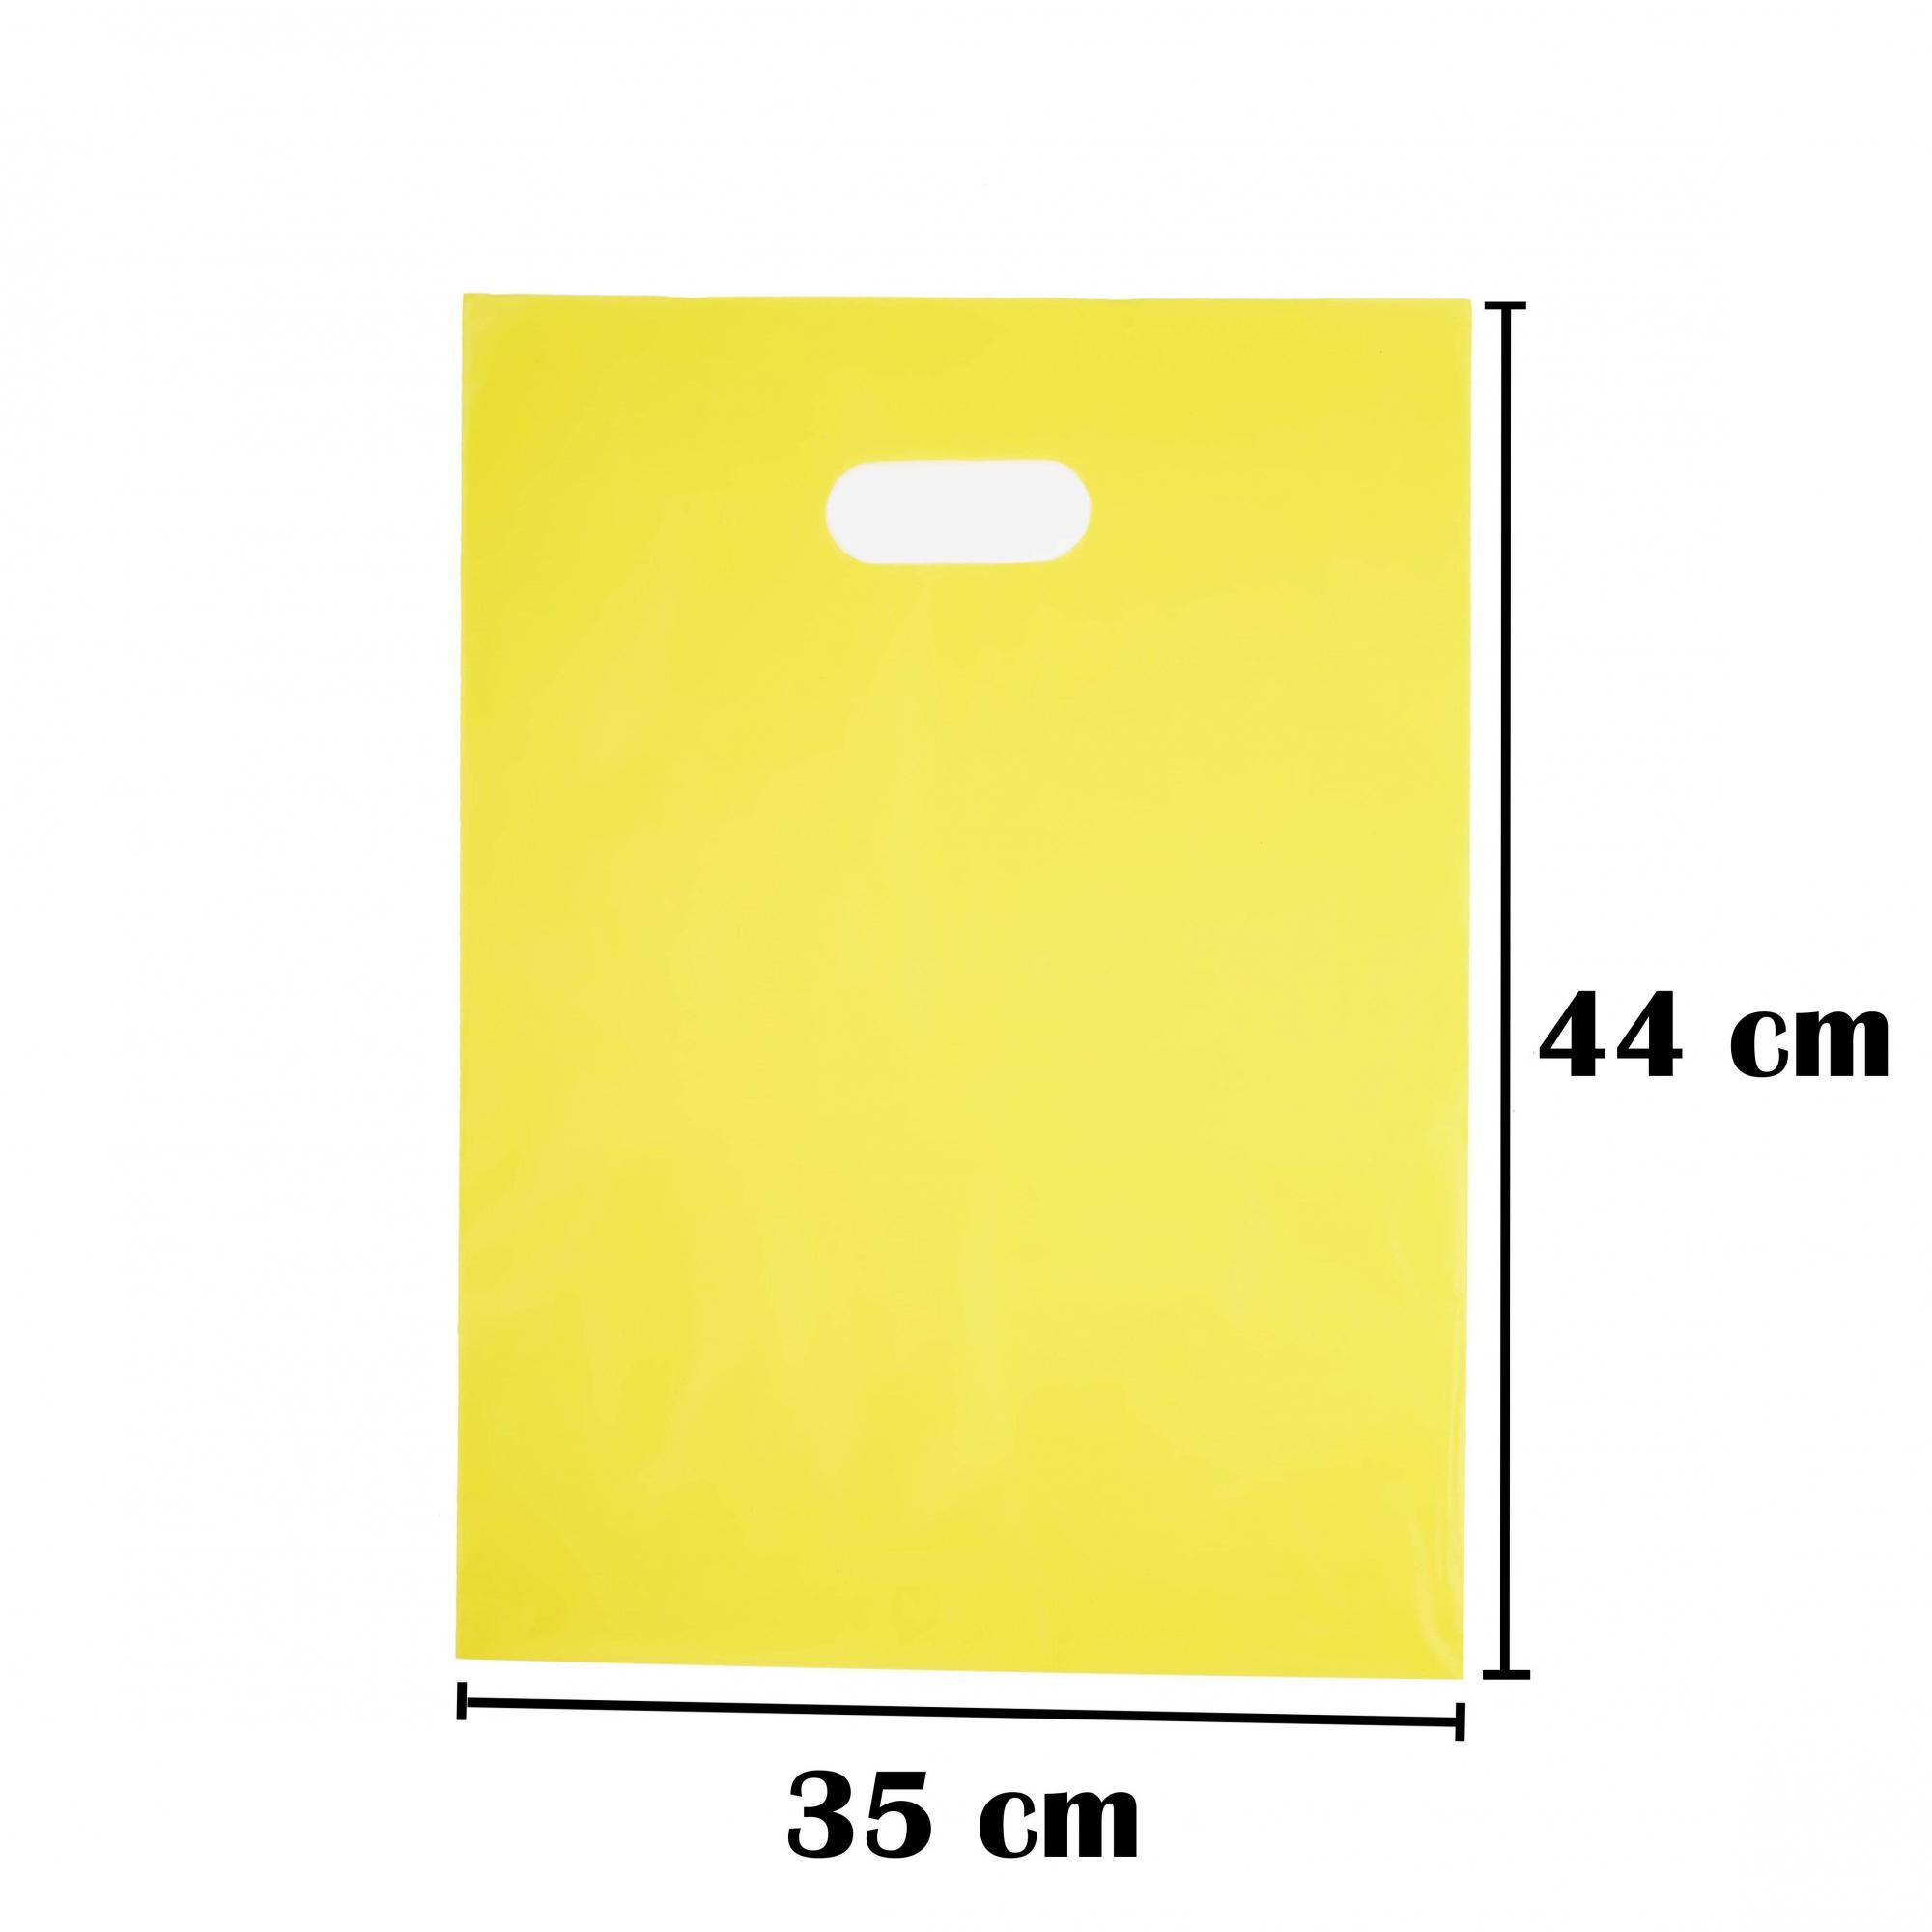 Sacola Plástica 35x44 Amarela Alça Boca de Palhaço 250 Unidades